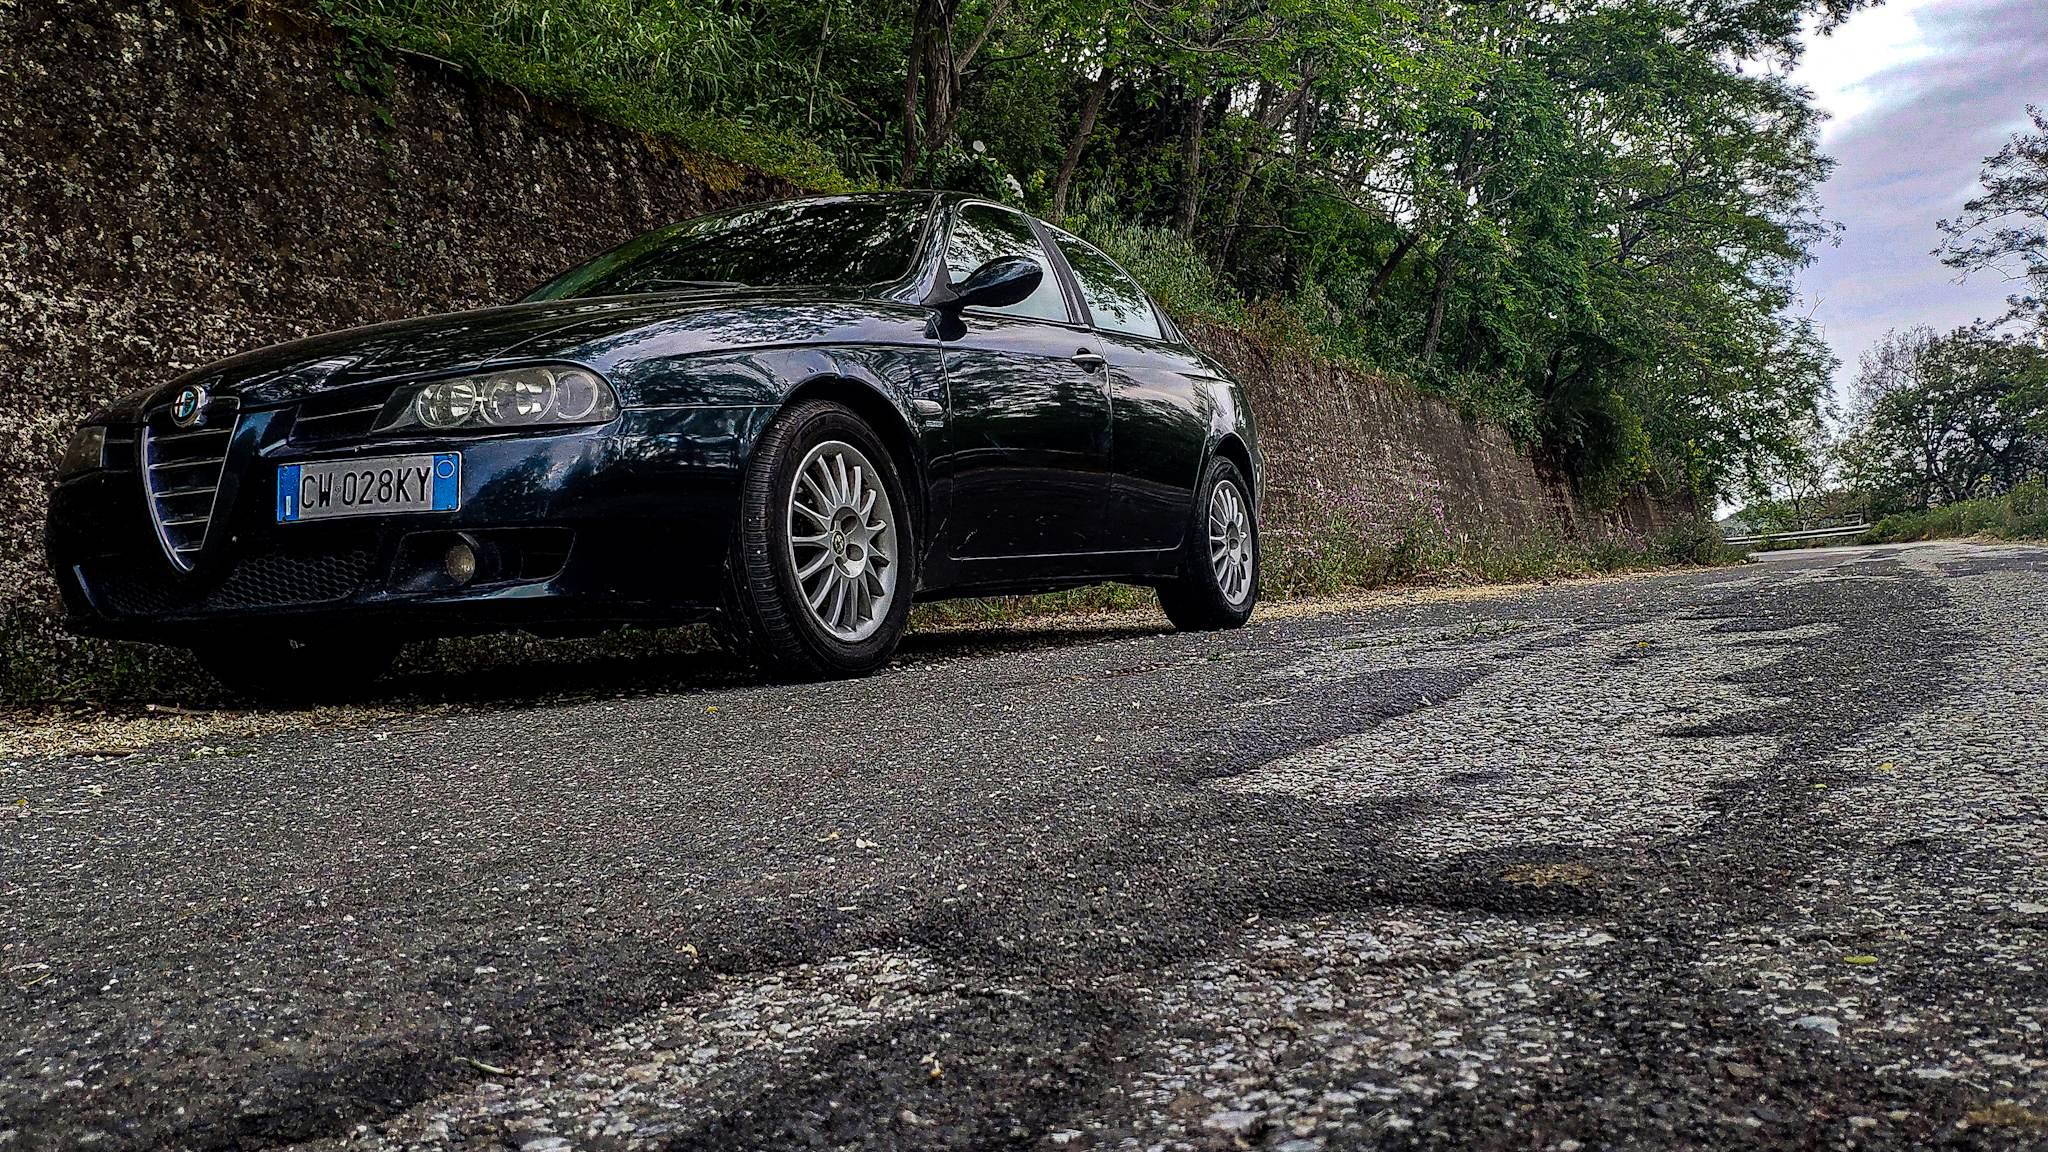 foto Alfa Romeo 156 - 1.9 JTD-m 140cv - Progression - Blu Capri - 2005 - CT - 4